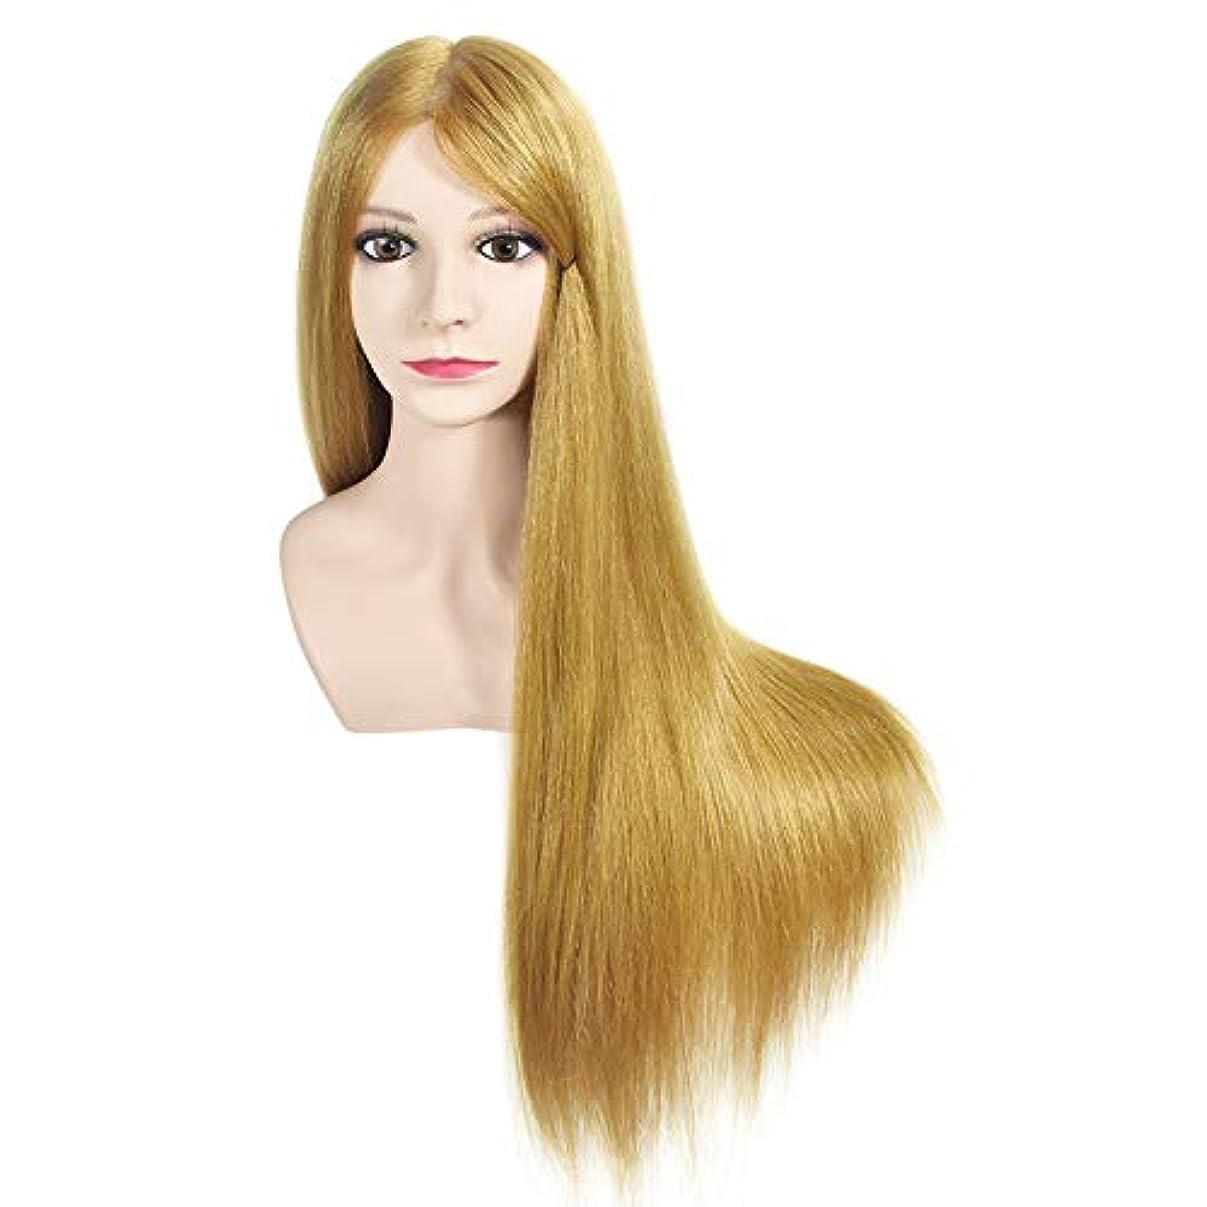 大声でエンジニアリング本体サロンヘアブレイド理髪指導ヘッドスタイリング散髪ダミーヘッド化粧学習ショルダーマネキンヘッド